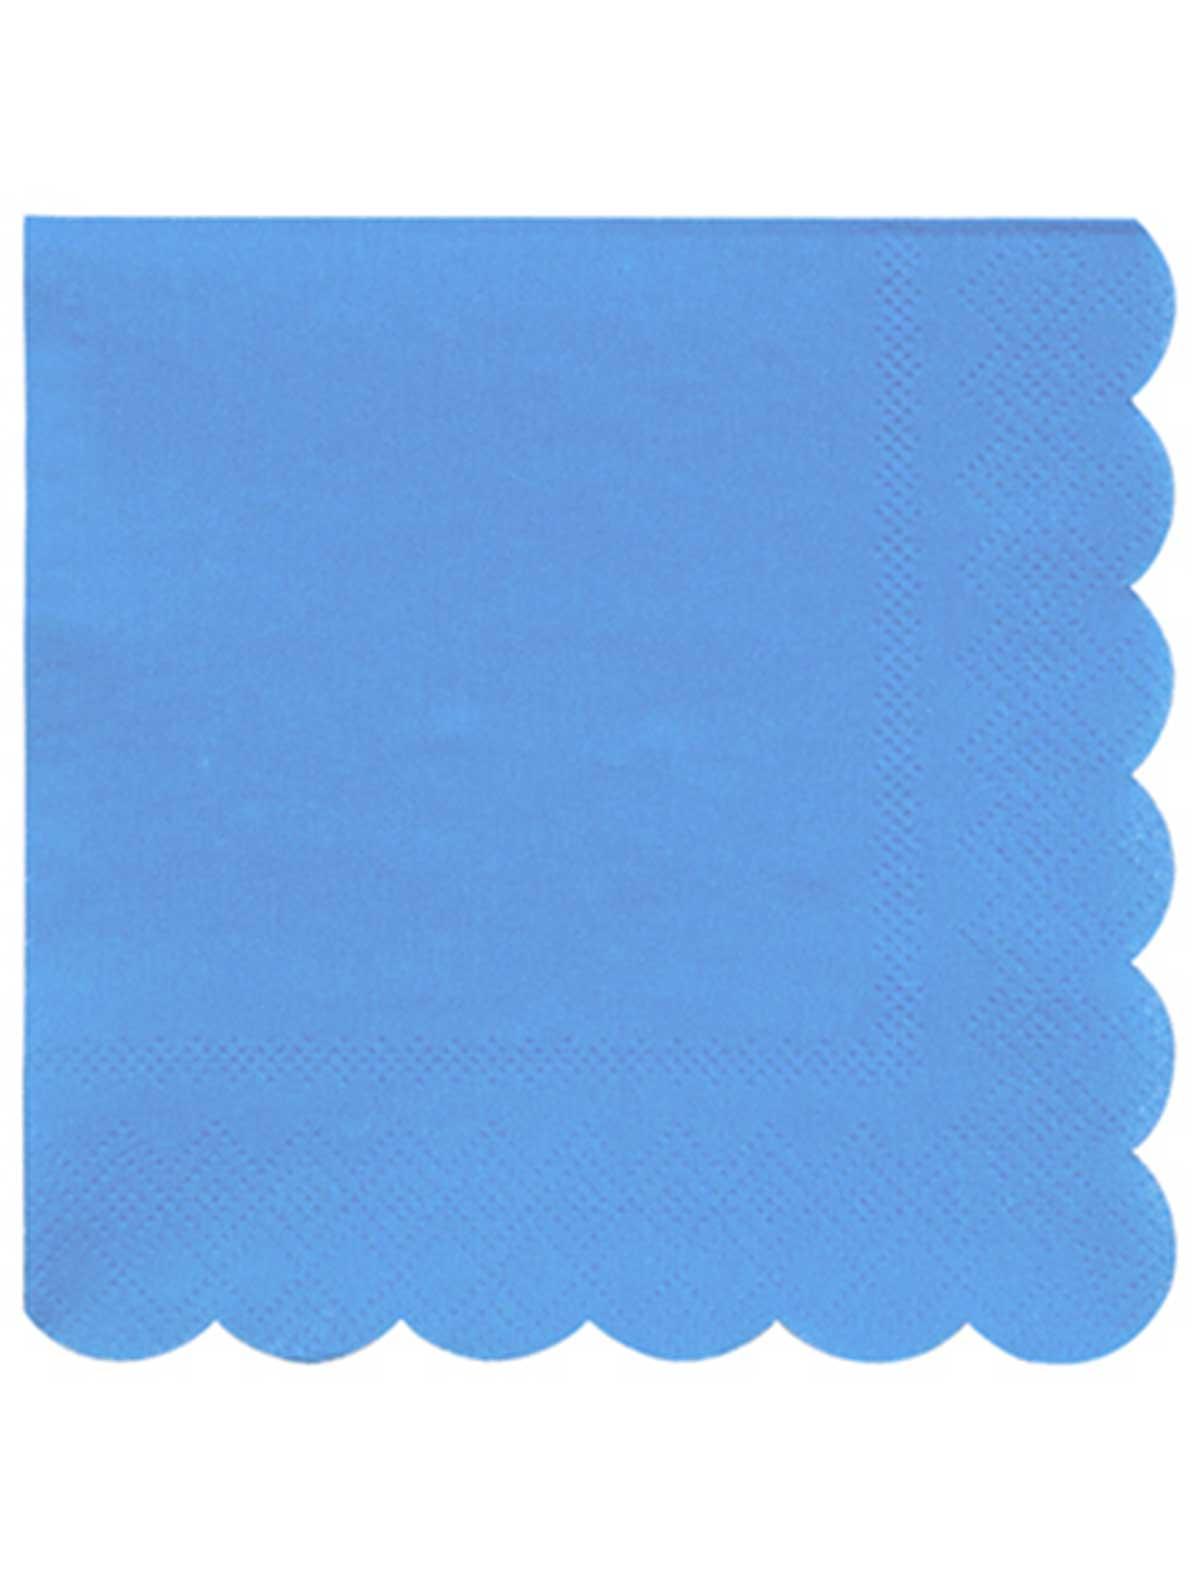 Купить 2259539, Салфетки бумажные Meri Meri, голубой, 6594520080429